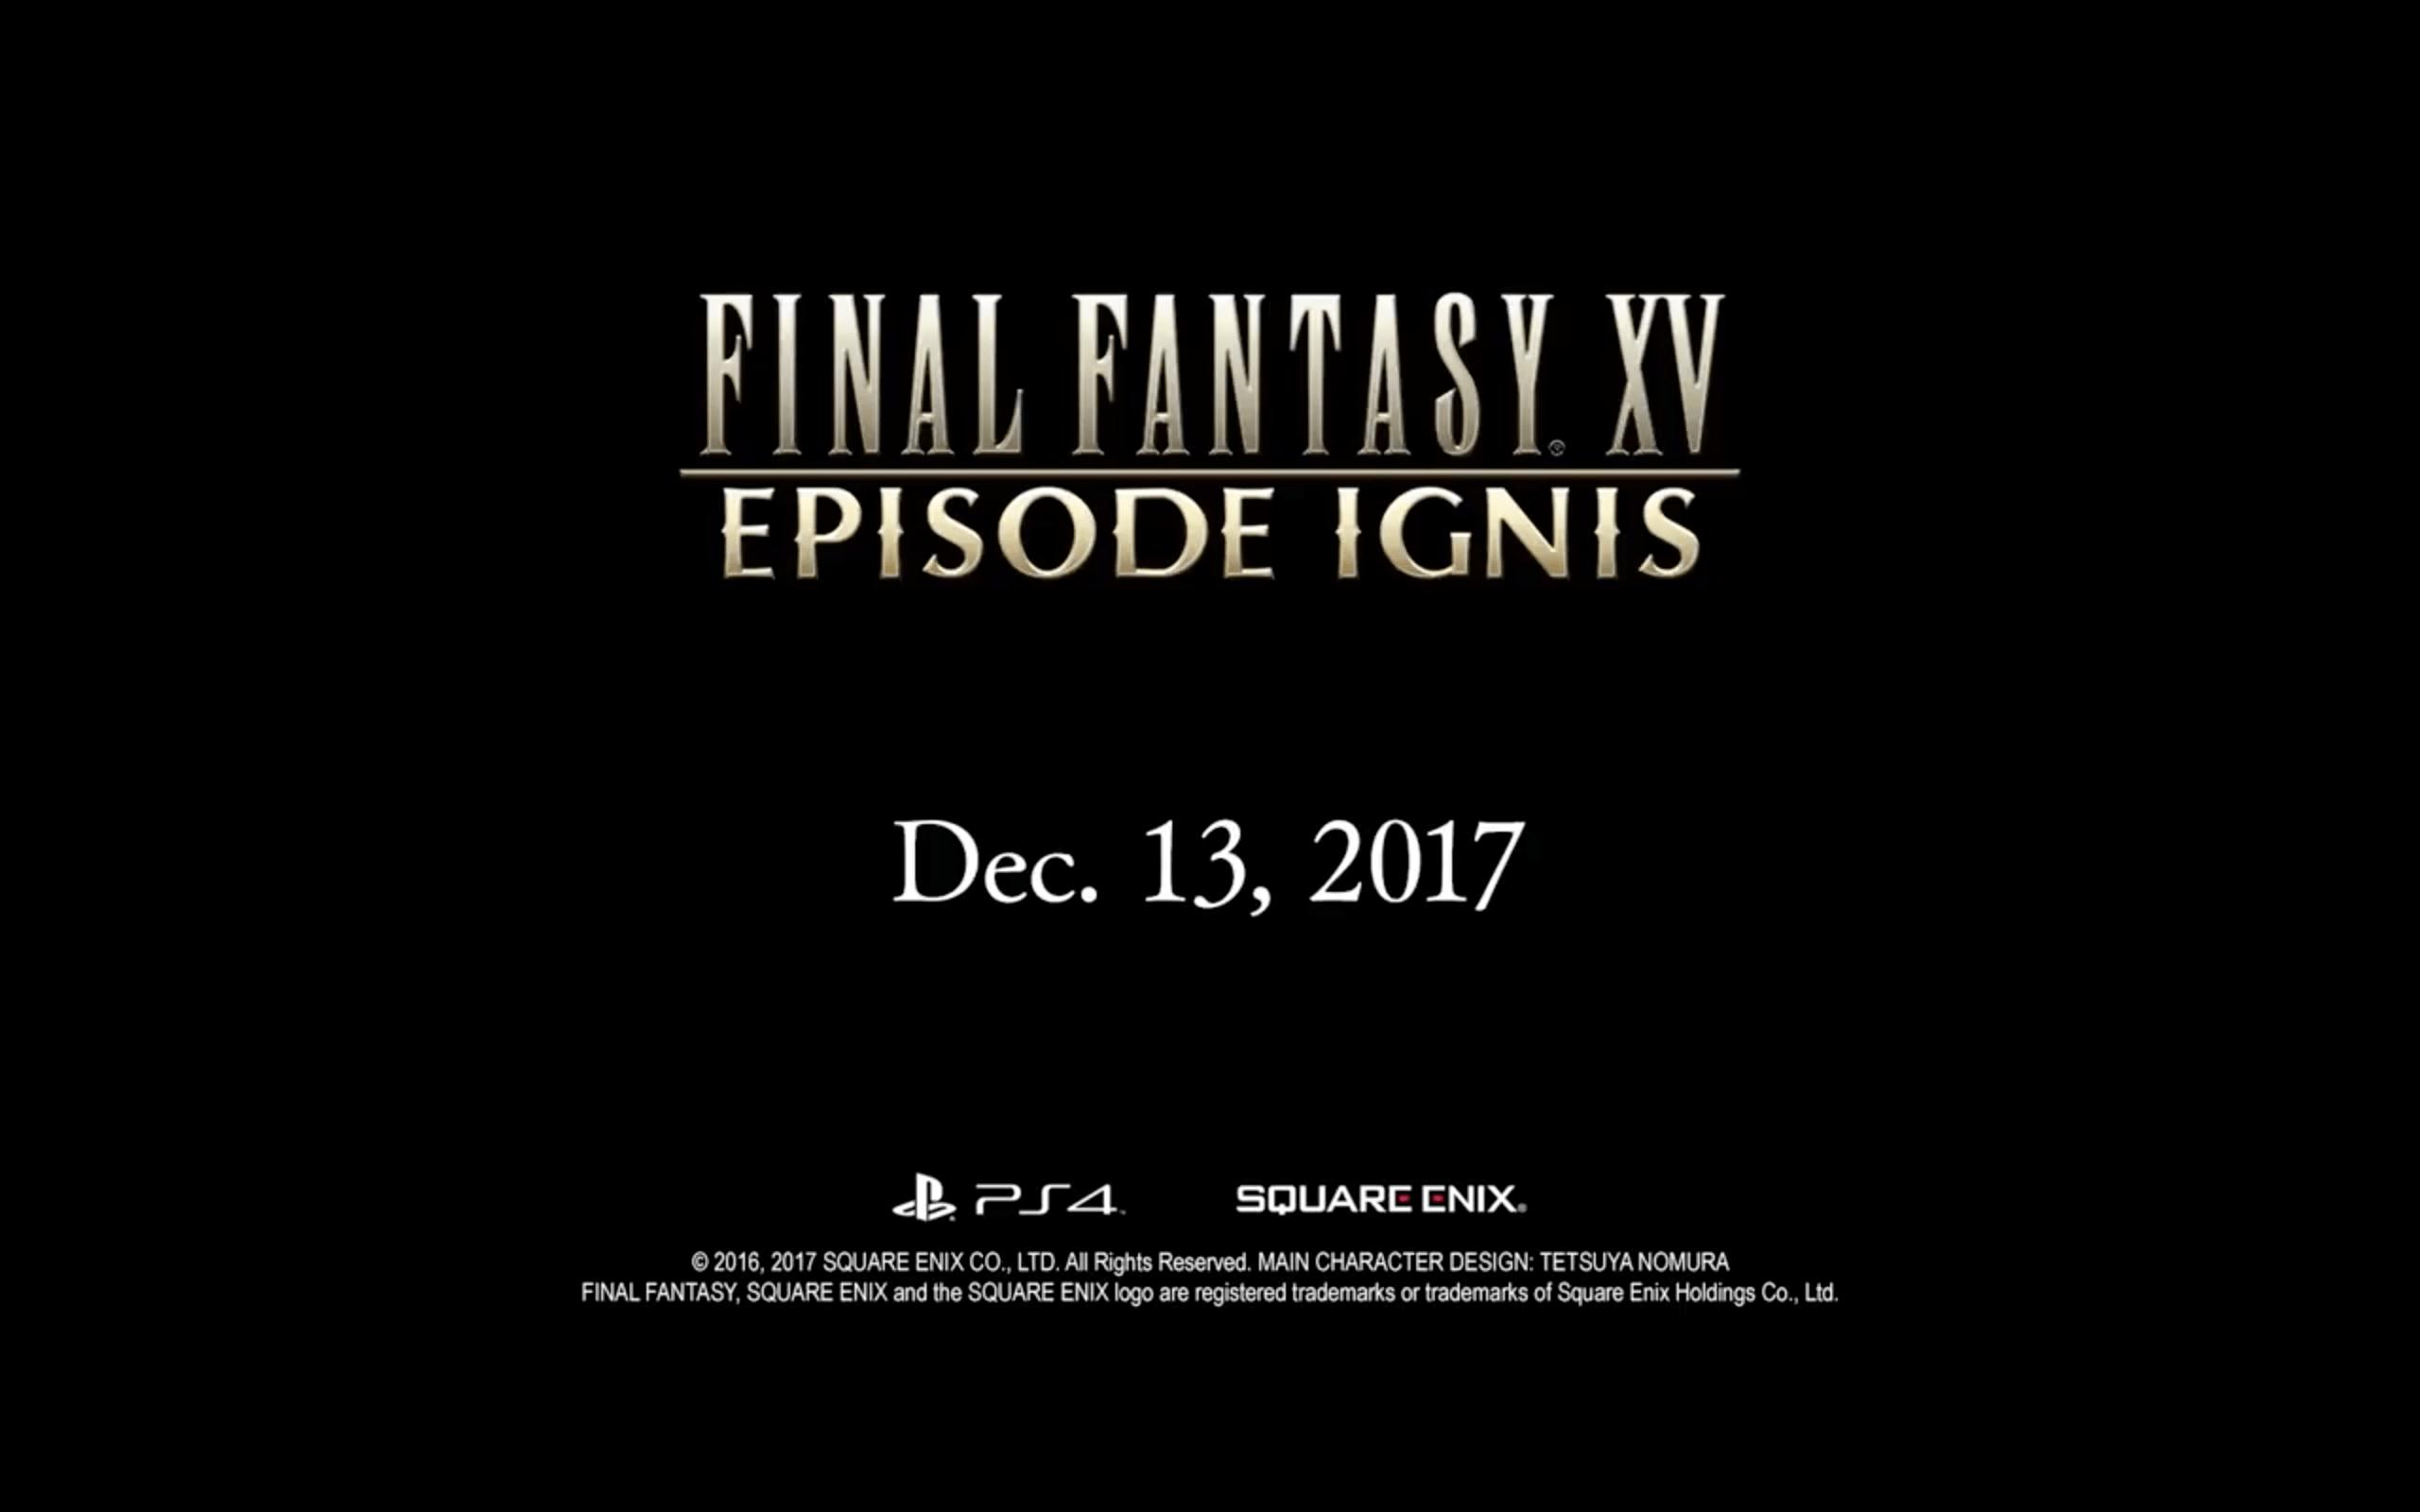 Final Fantasy XV Episode Ignis | Pixel Vault